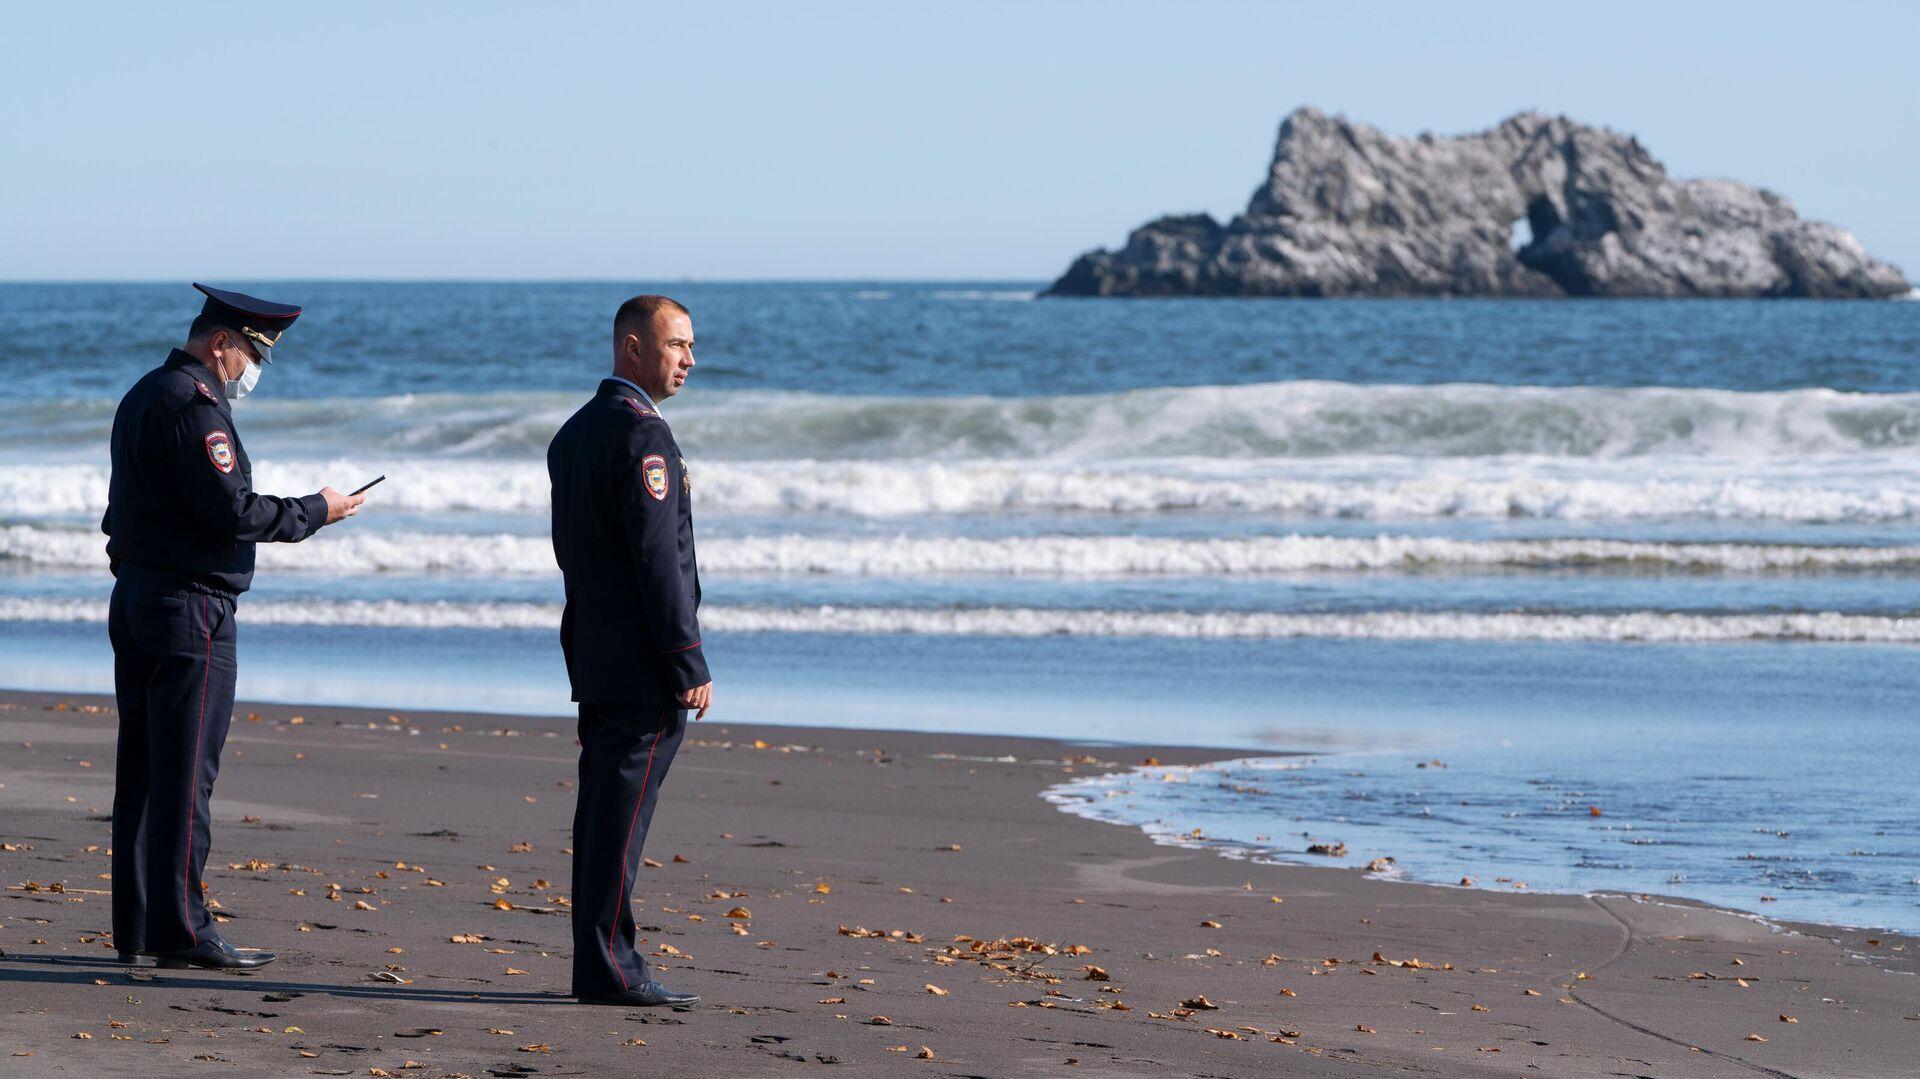 1578147659 0:216:3190:2010 1920x0 80 0 0 e142b0ea786355447ae1396d73b390f6 - На Камчатке объяснили появление мертвых морских обитателей на пляже